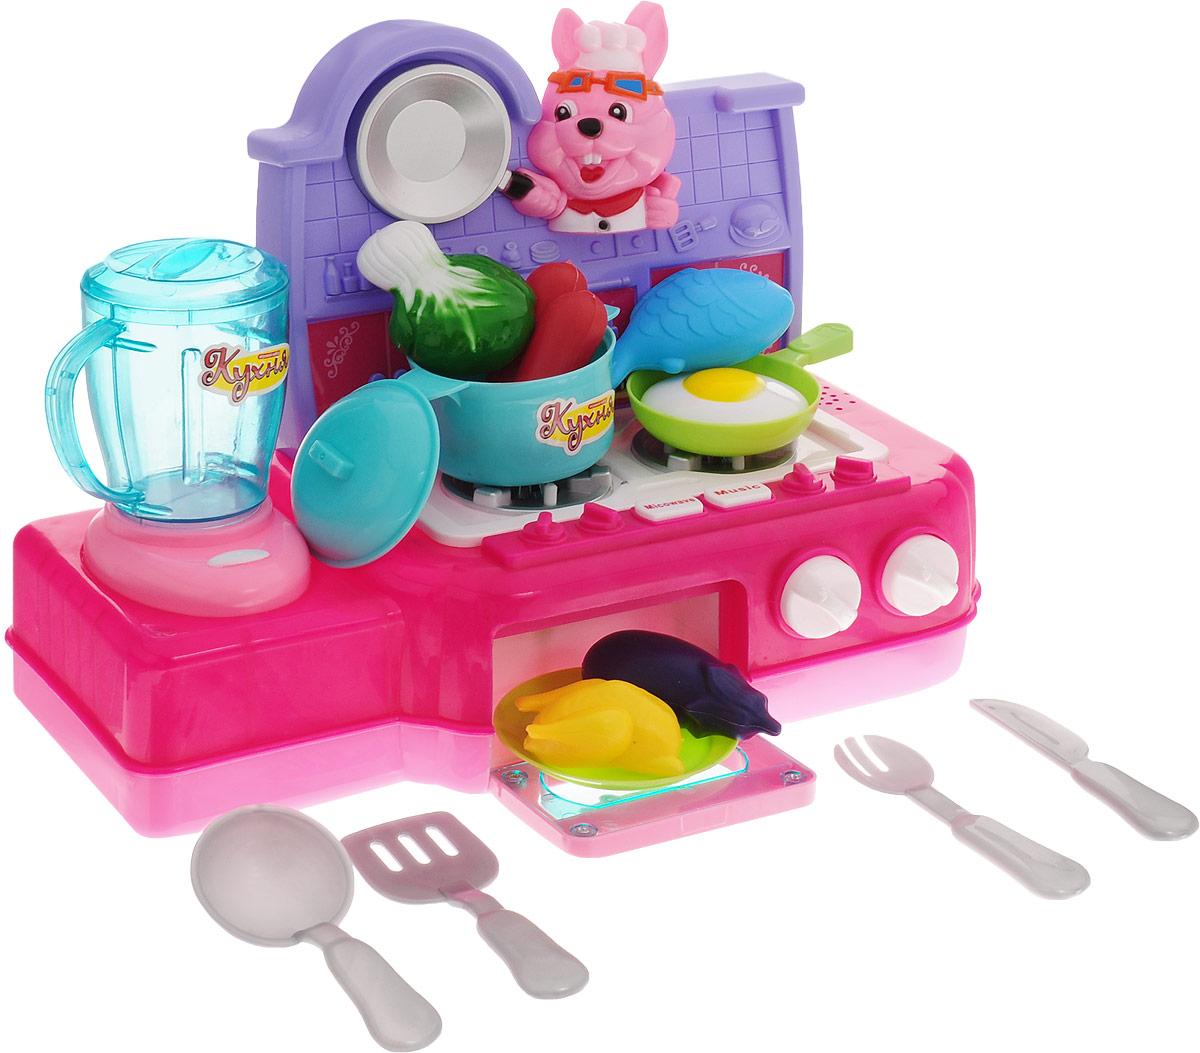 Zhorya Игрушечный набор Кухня где можно купить накладные ногти для детей